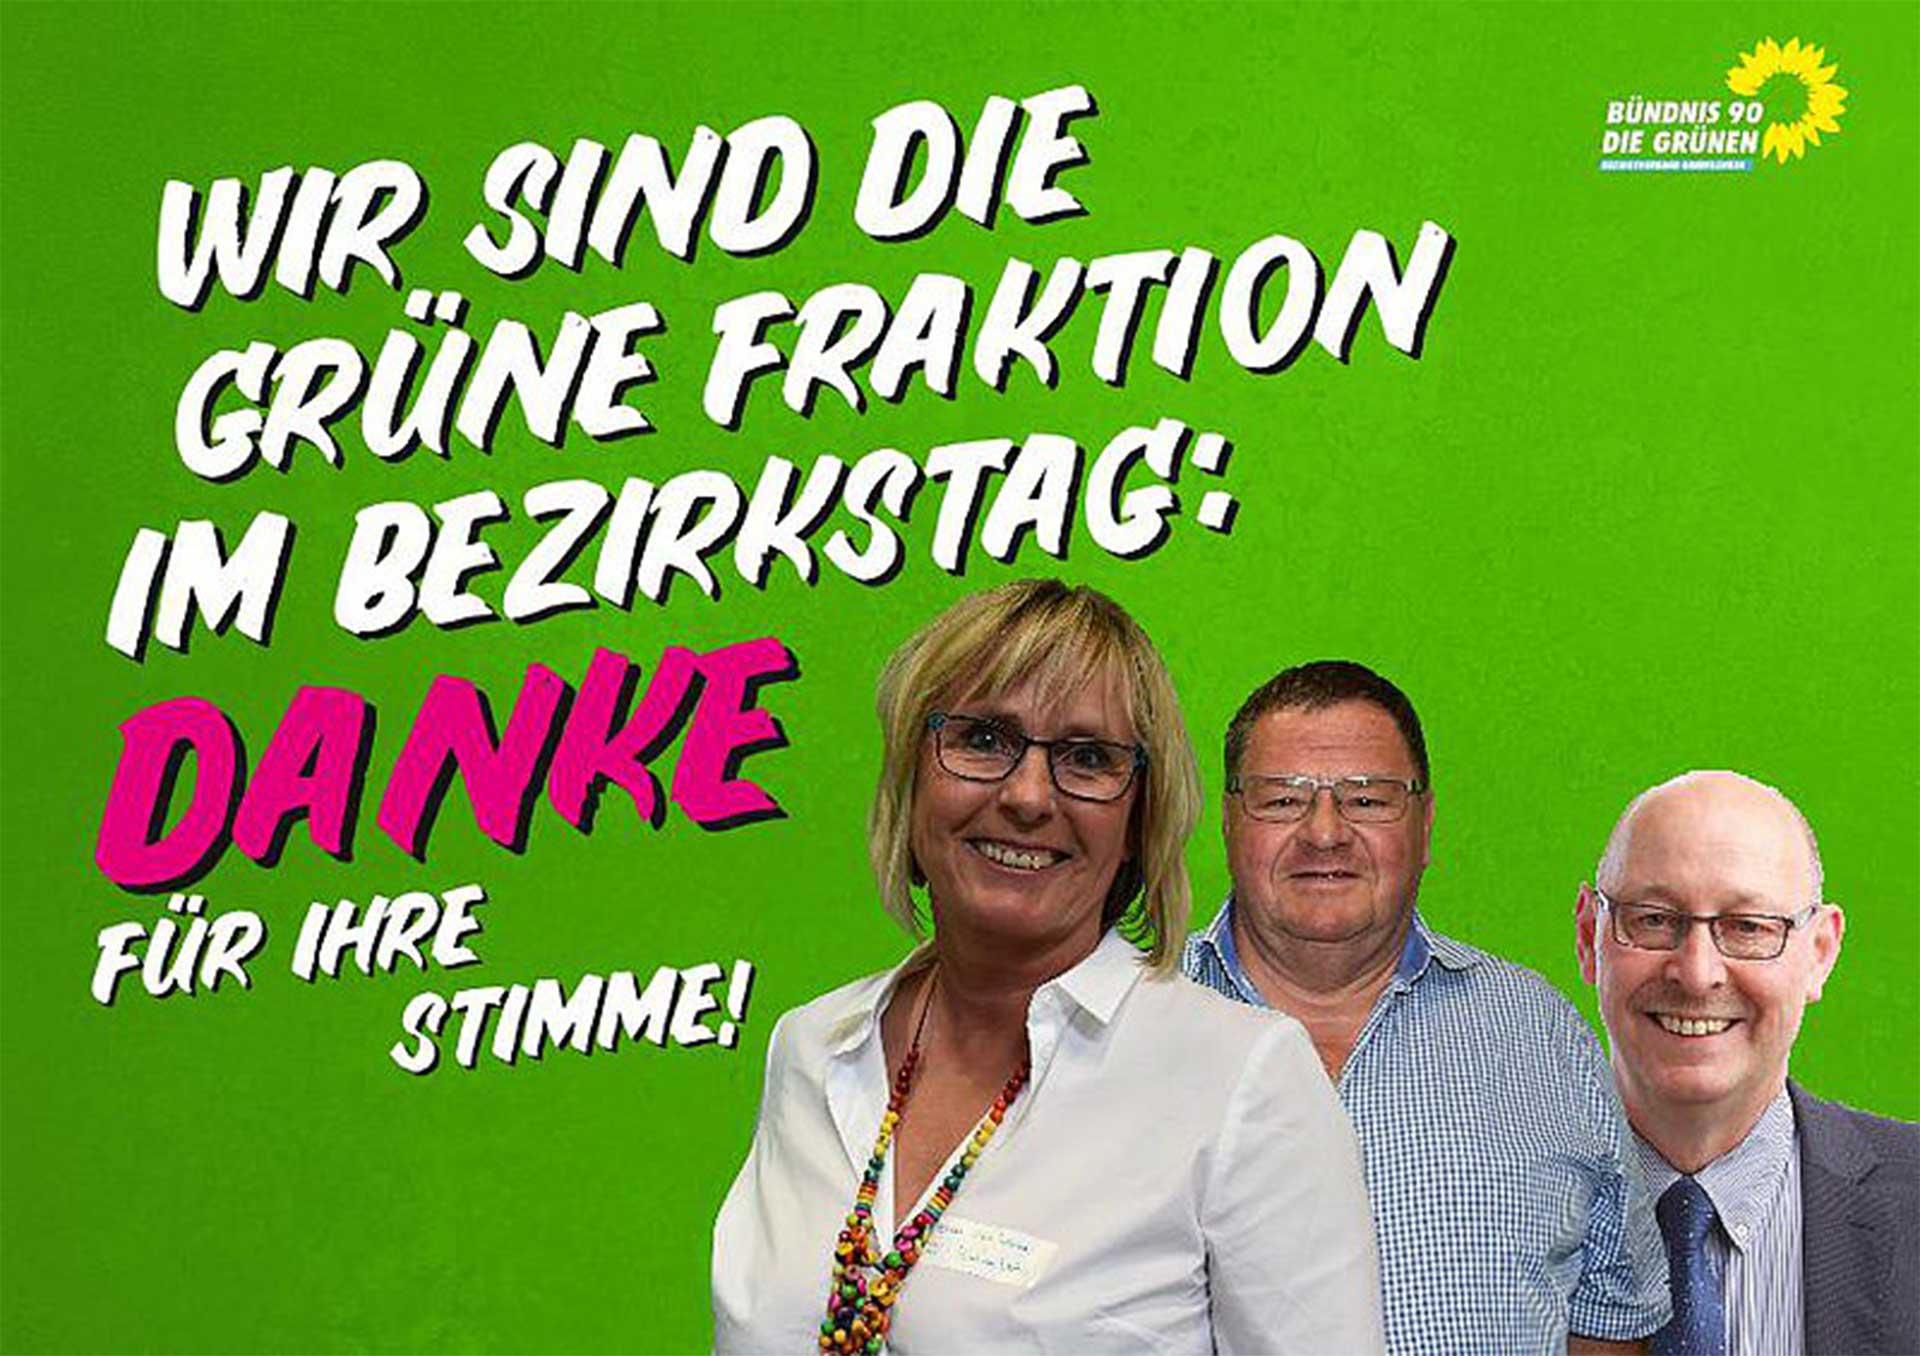 Oberfränkische Grüne verdreifachen ihre Sitze im Bezirkstag